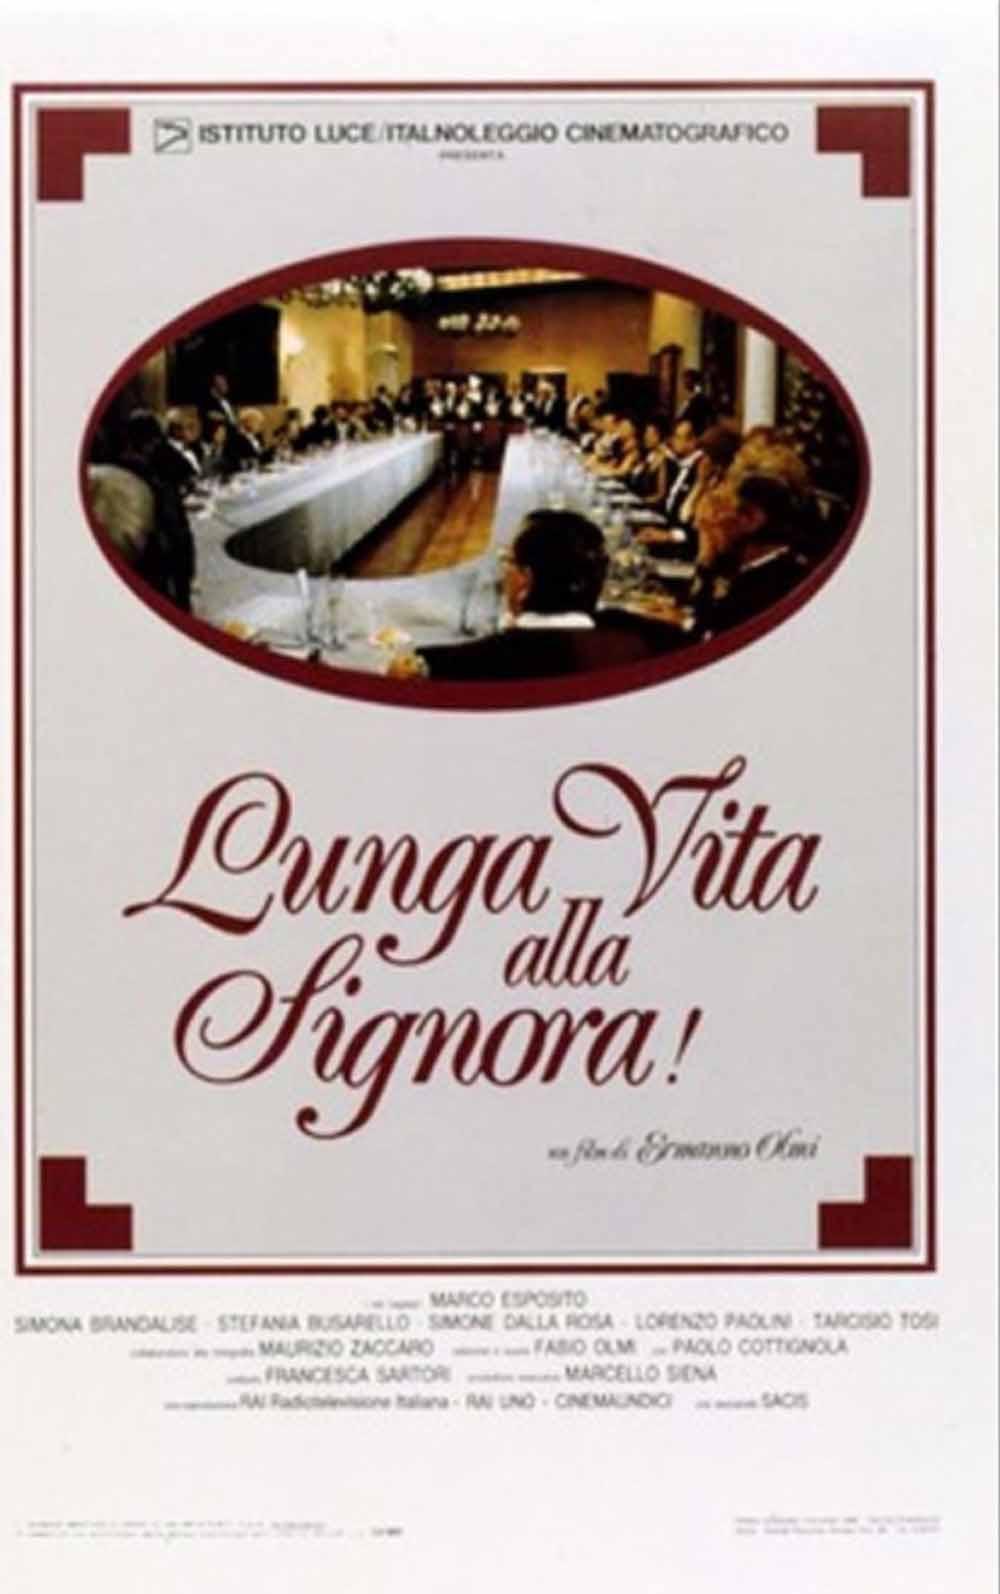 1987 - Lunga vita alla Signora!